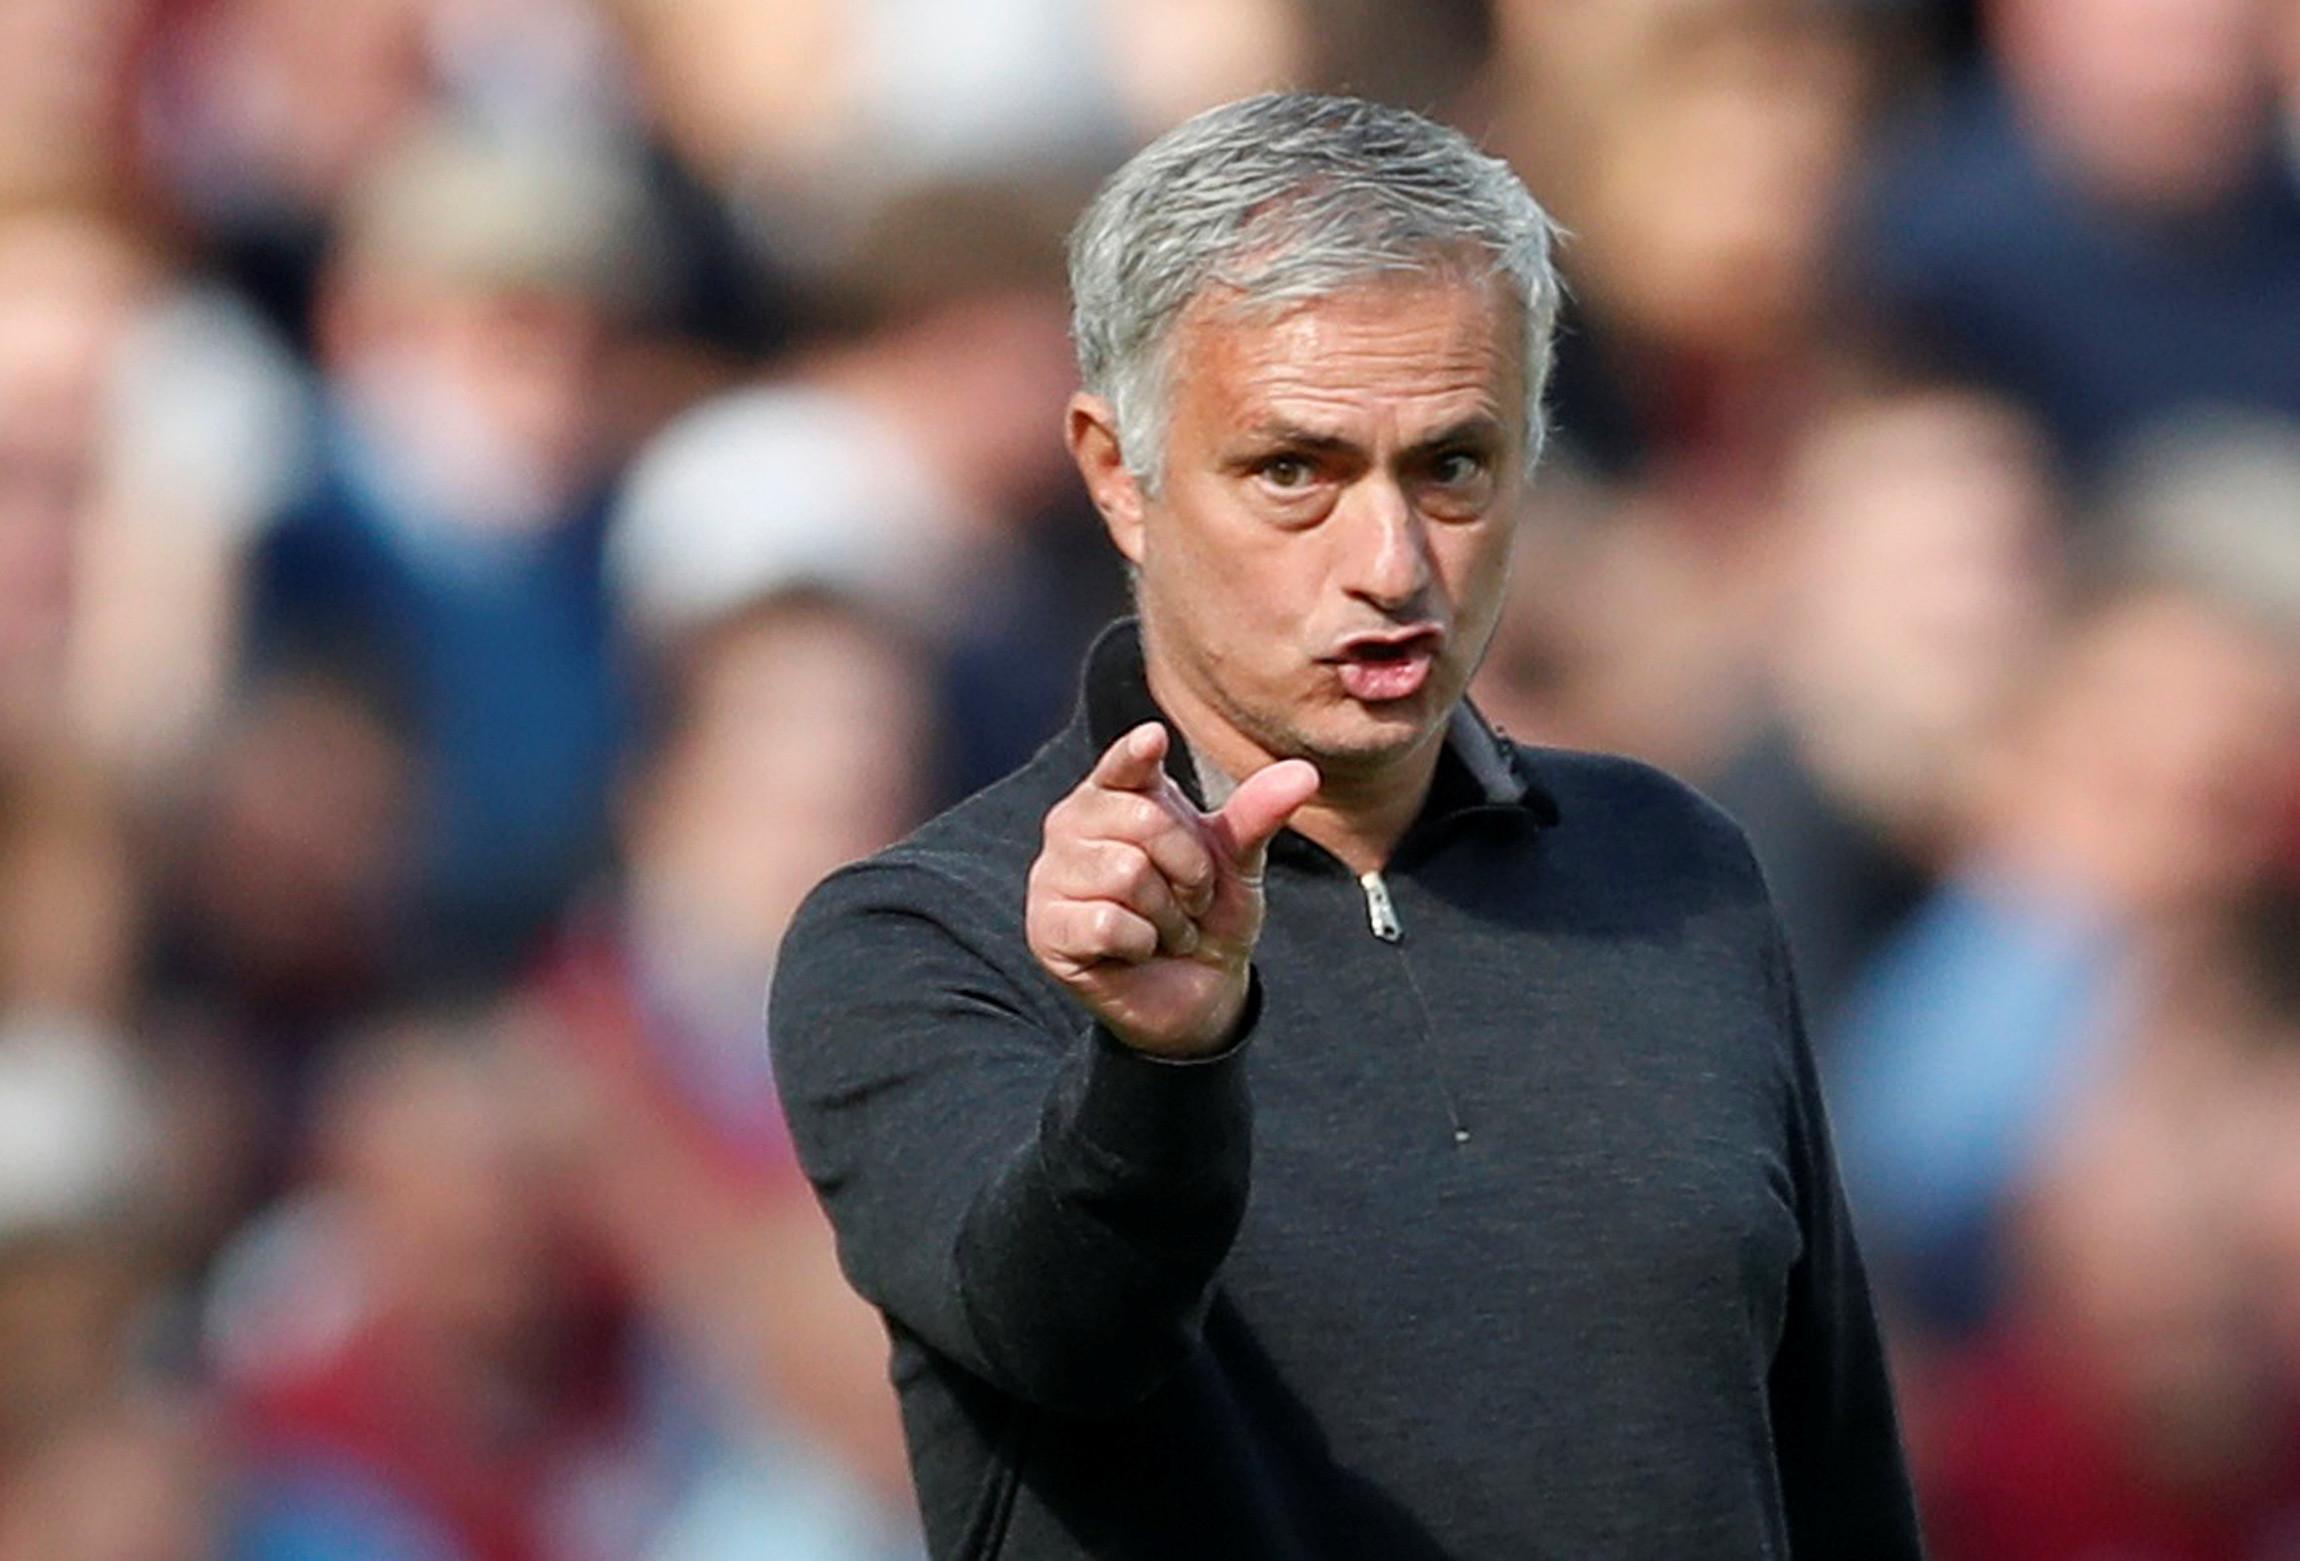 Espanhóis avançam que Mourinho está de regresso ao Real Madrid